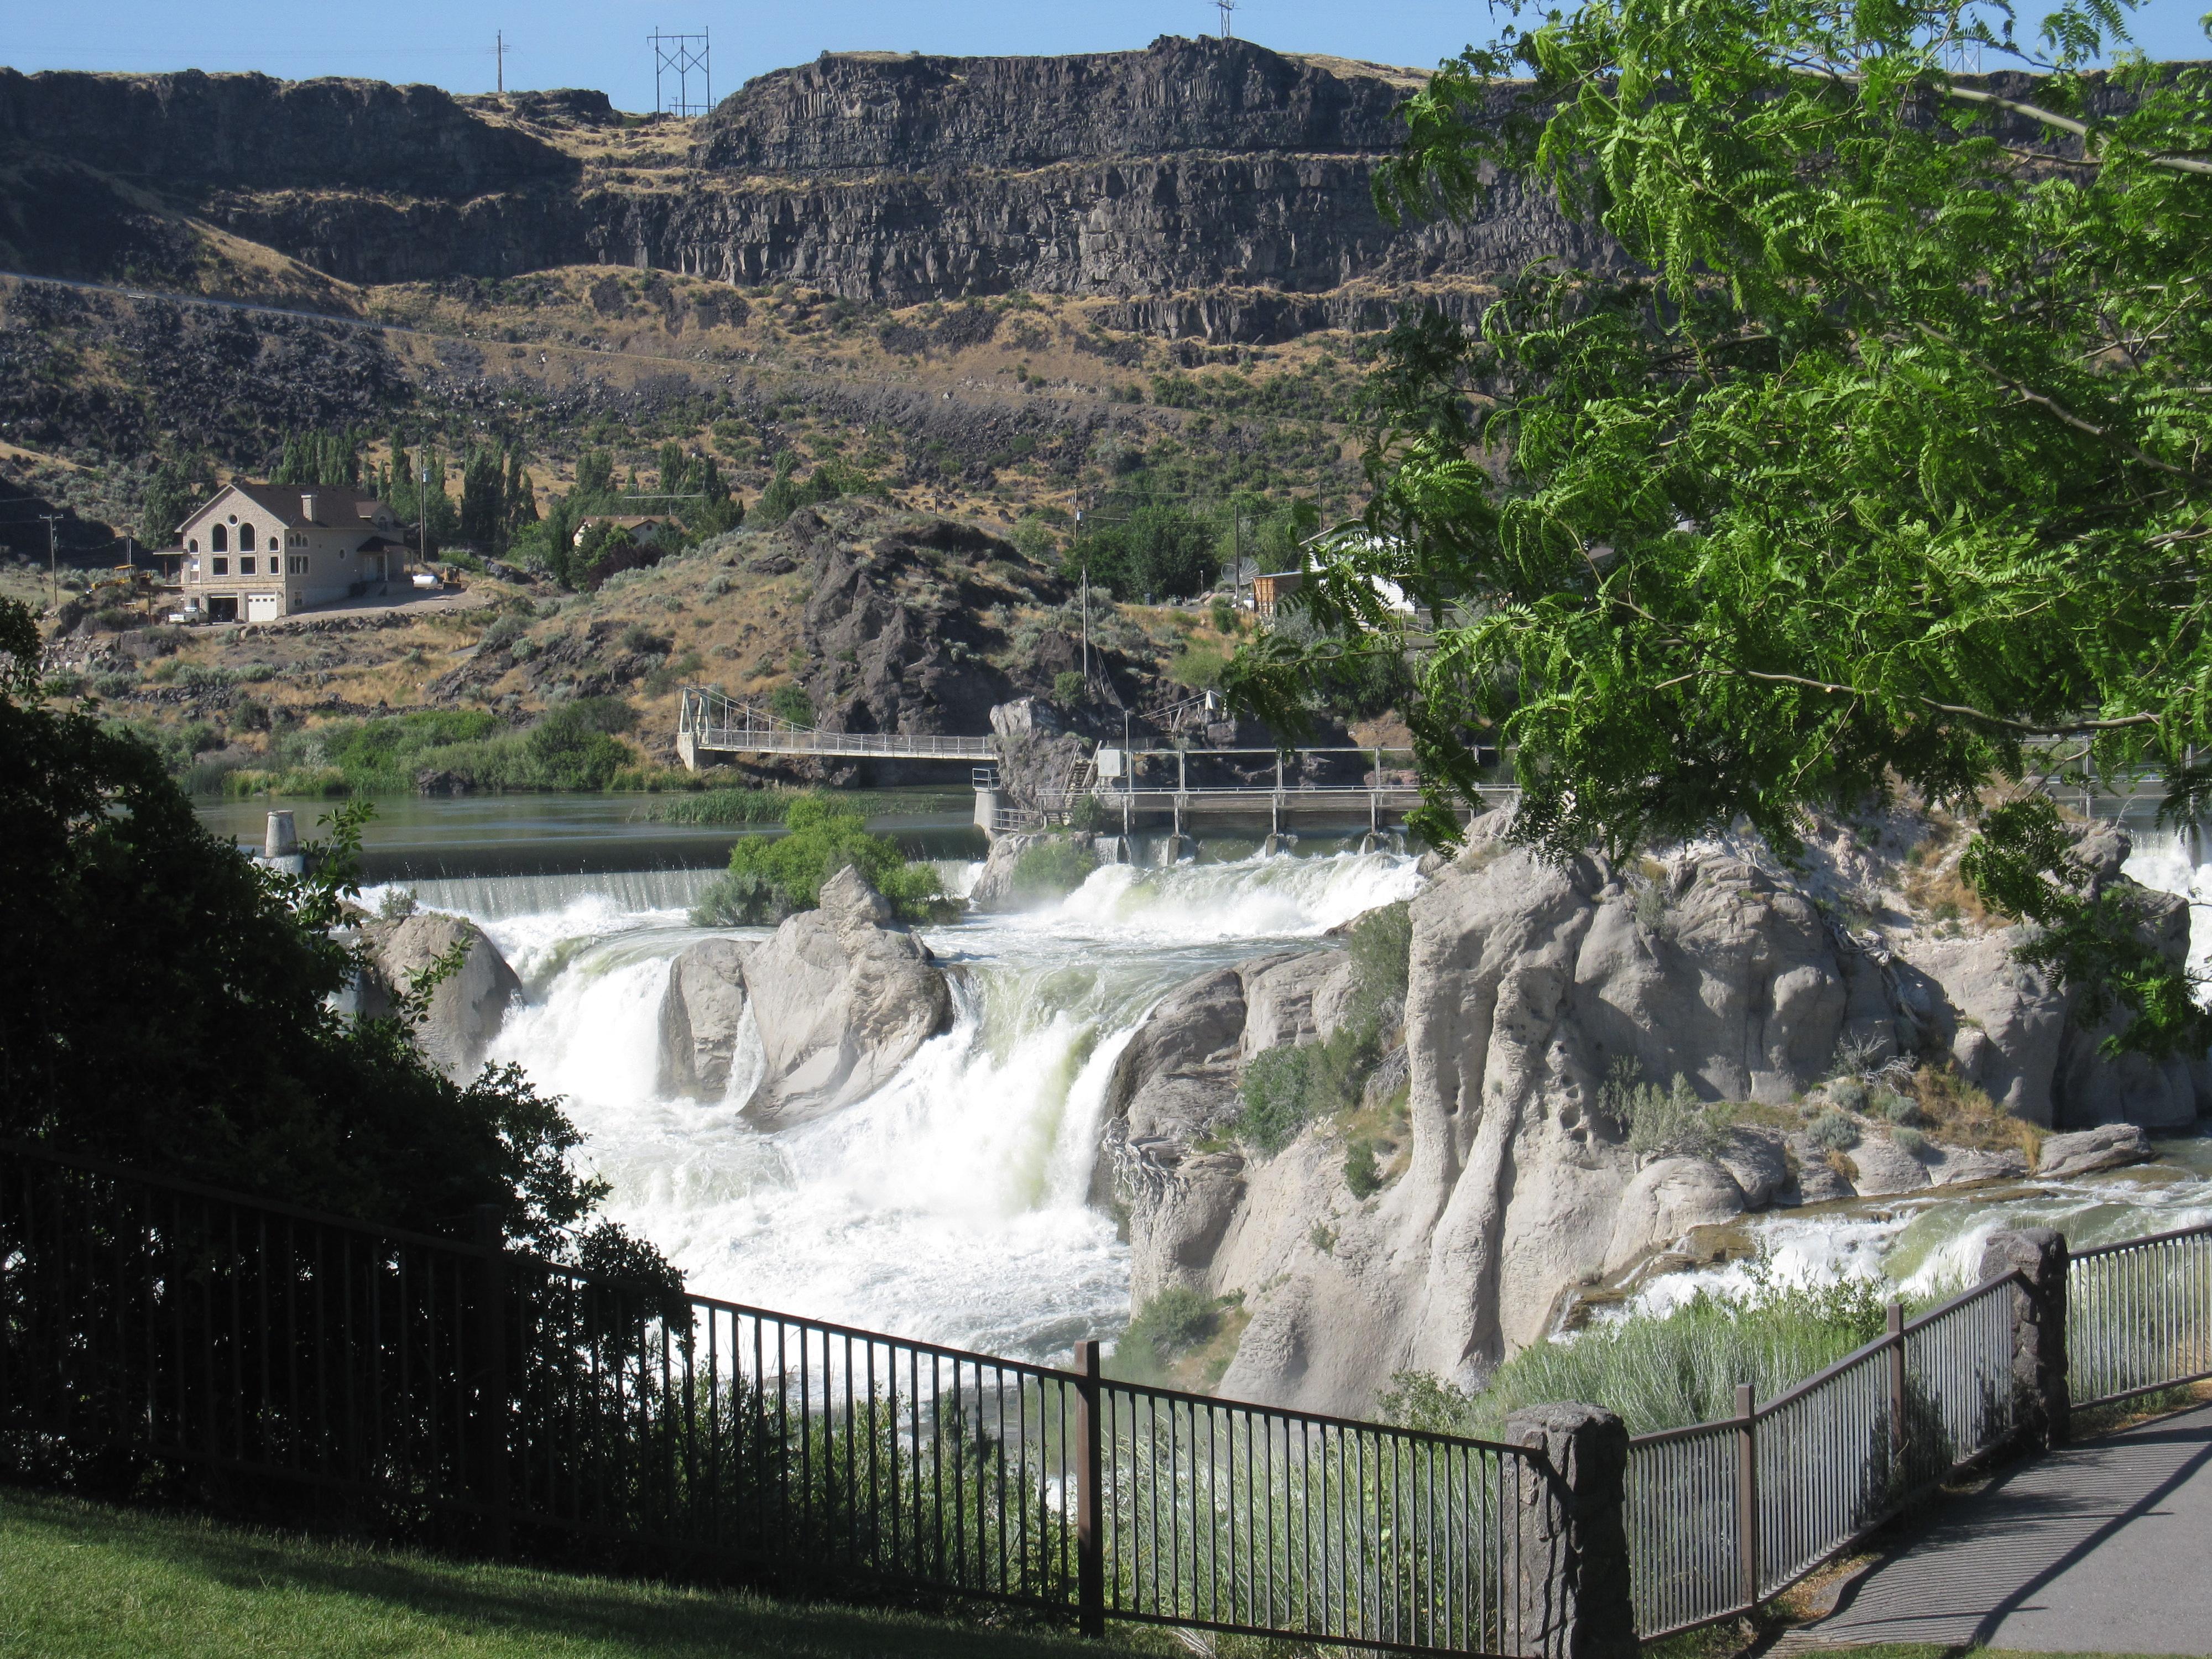 File:Shoshone Falls Idaho (27).JPG